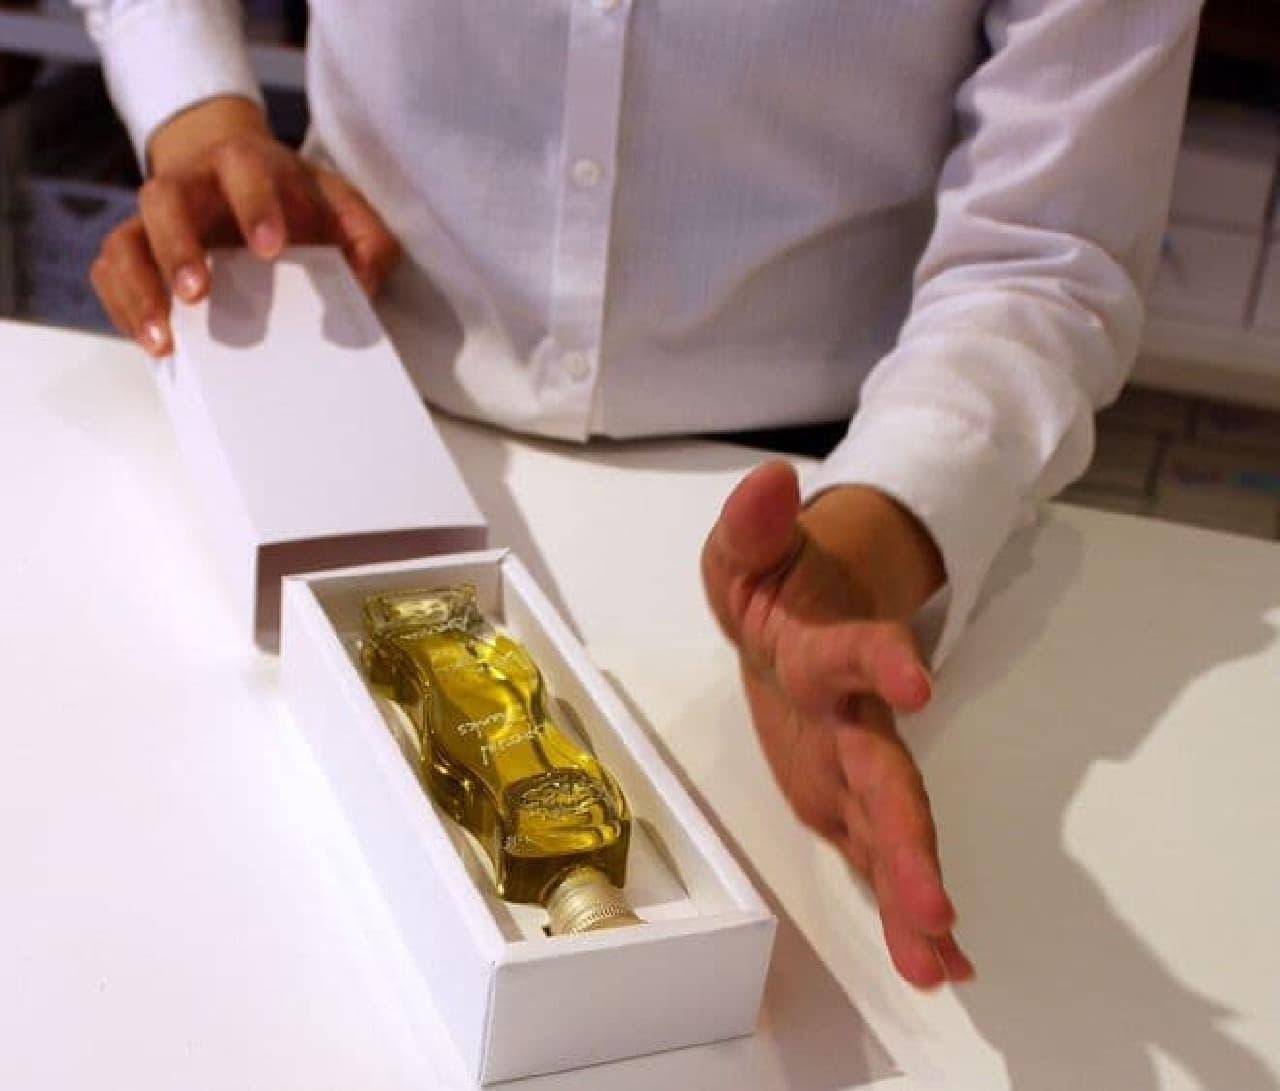 オリーブオイル量り売りの「VOM FASS」代官山店でオリーブオイルを購入